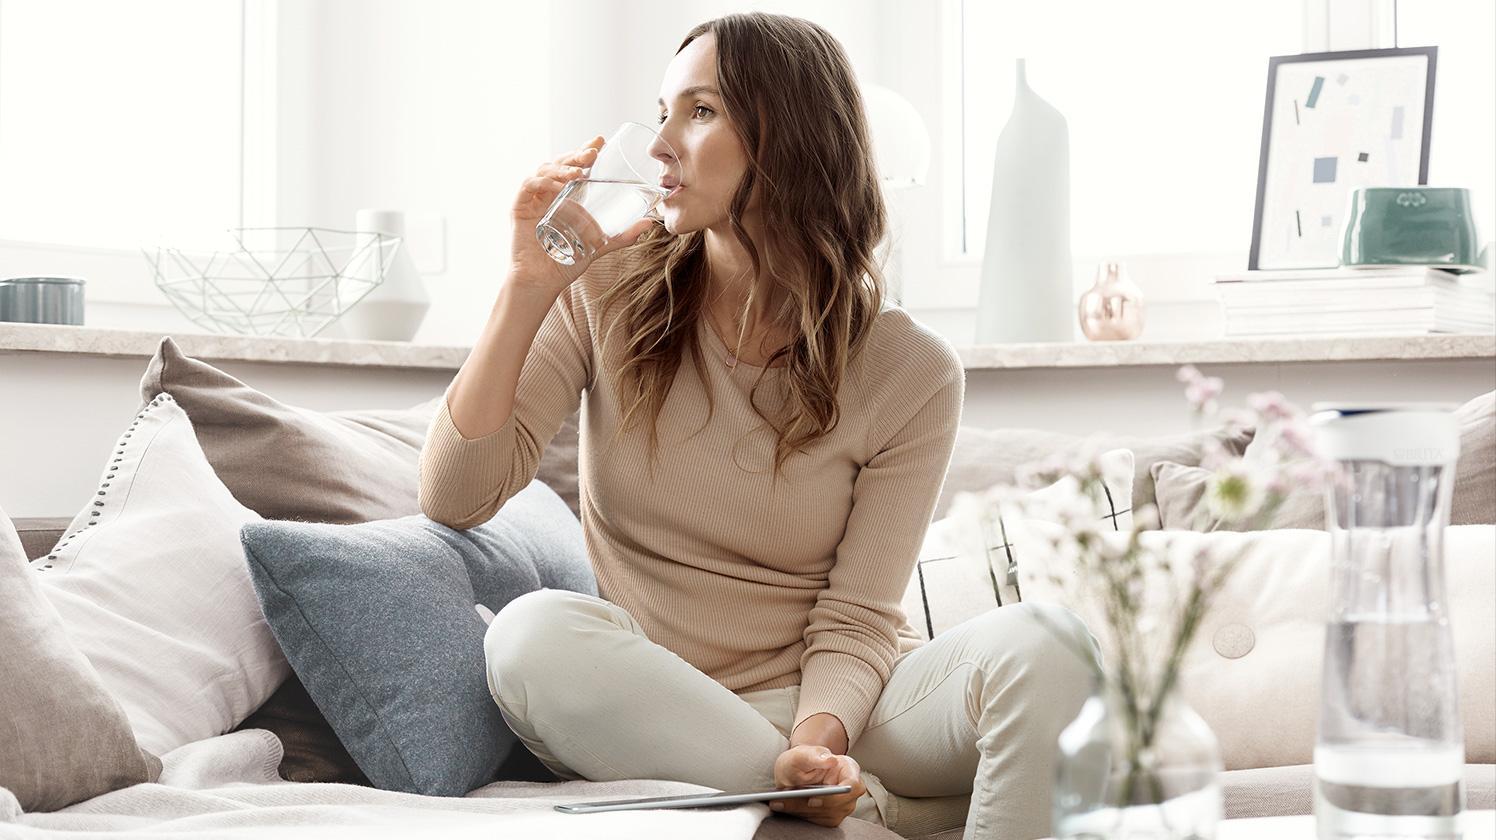 BRITA nawodnienie sofa kobieta pije wodę